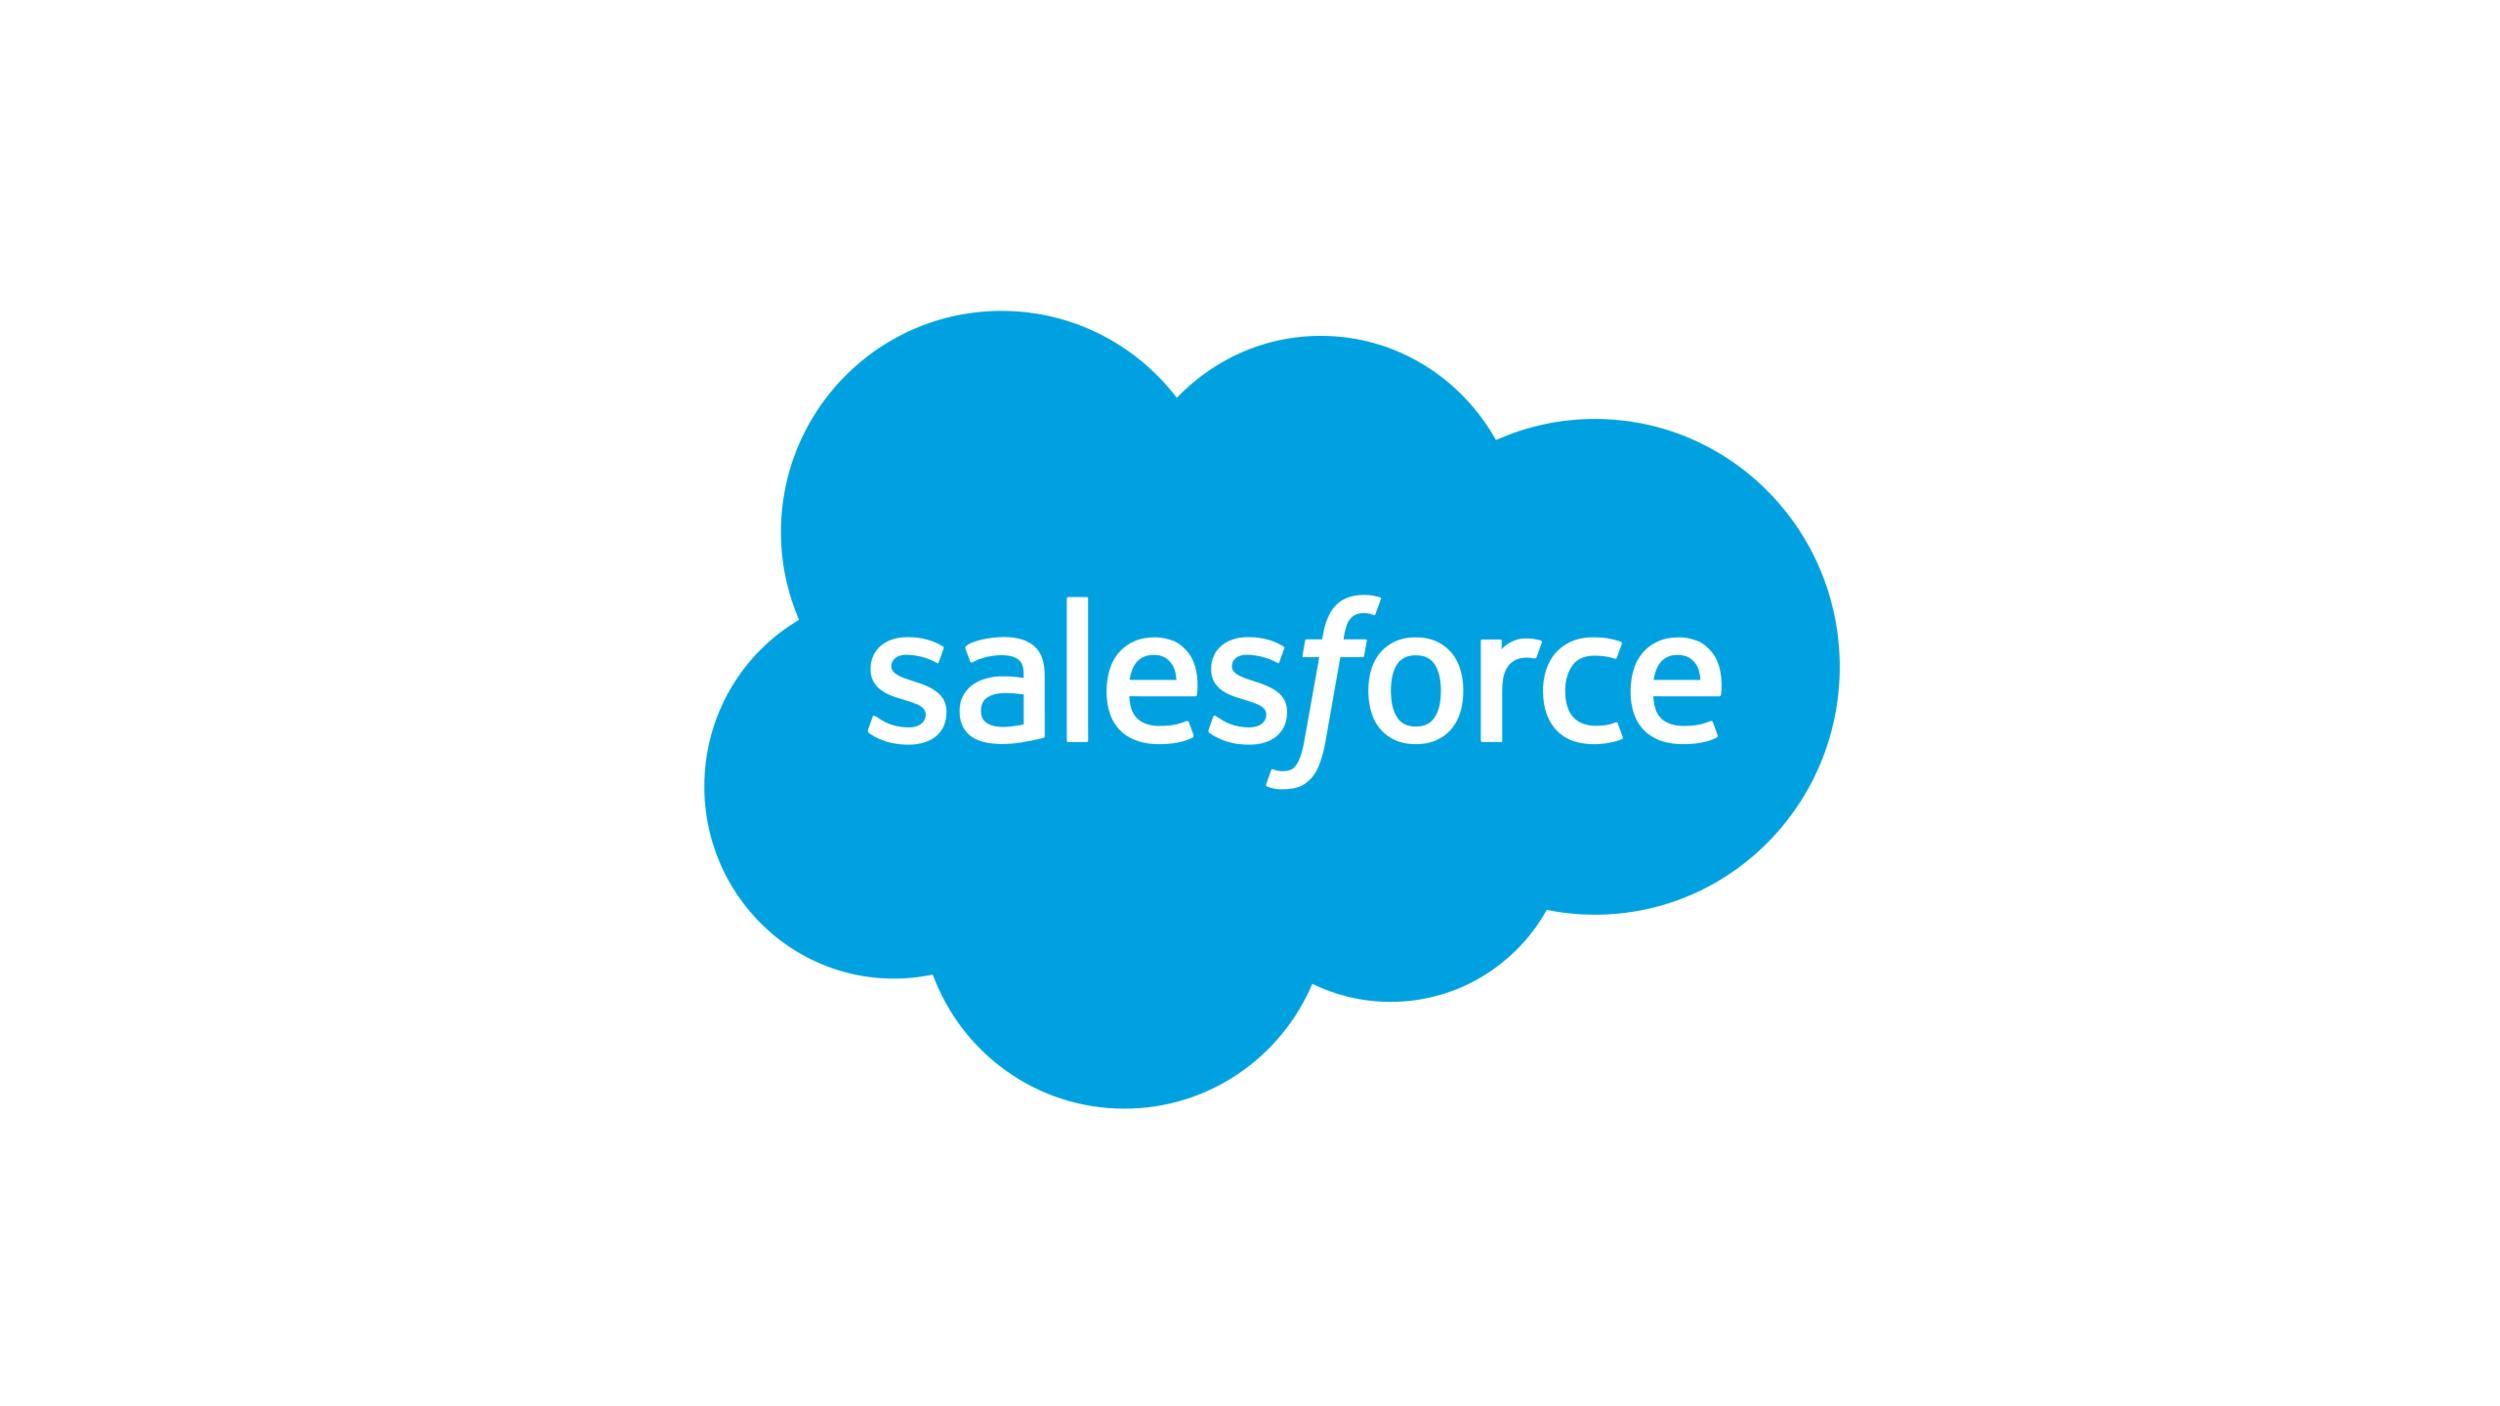 Salesforcelogo3.png